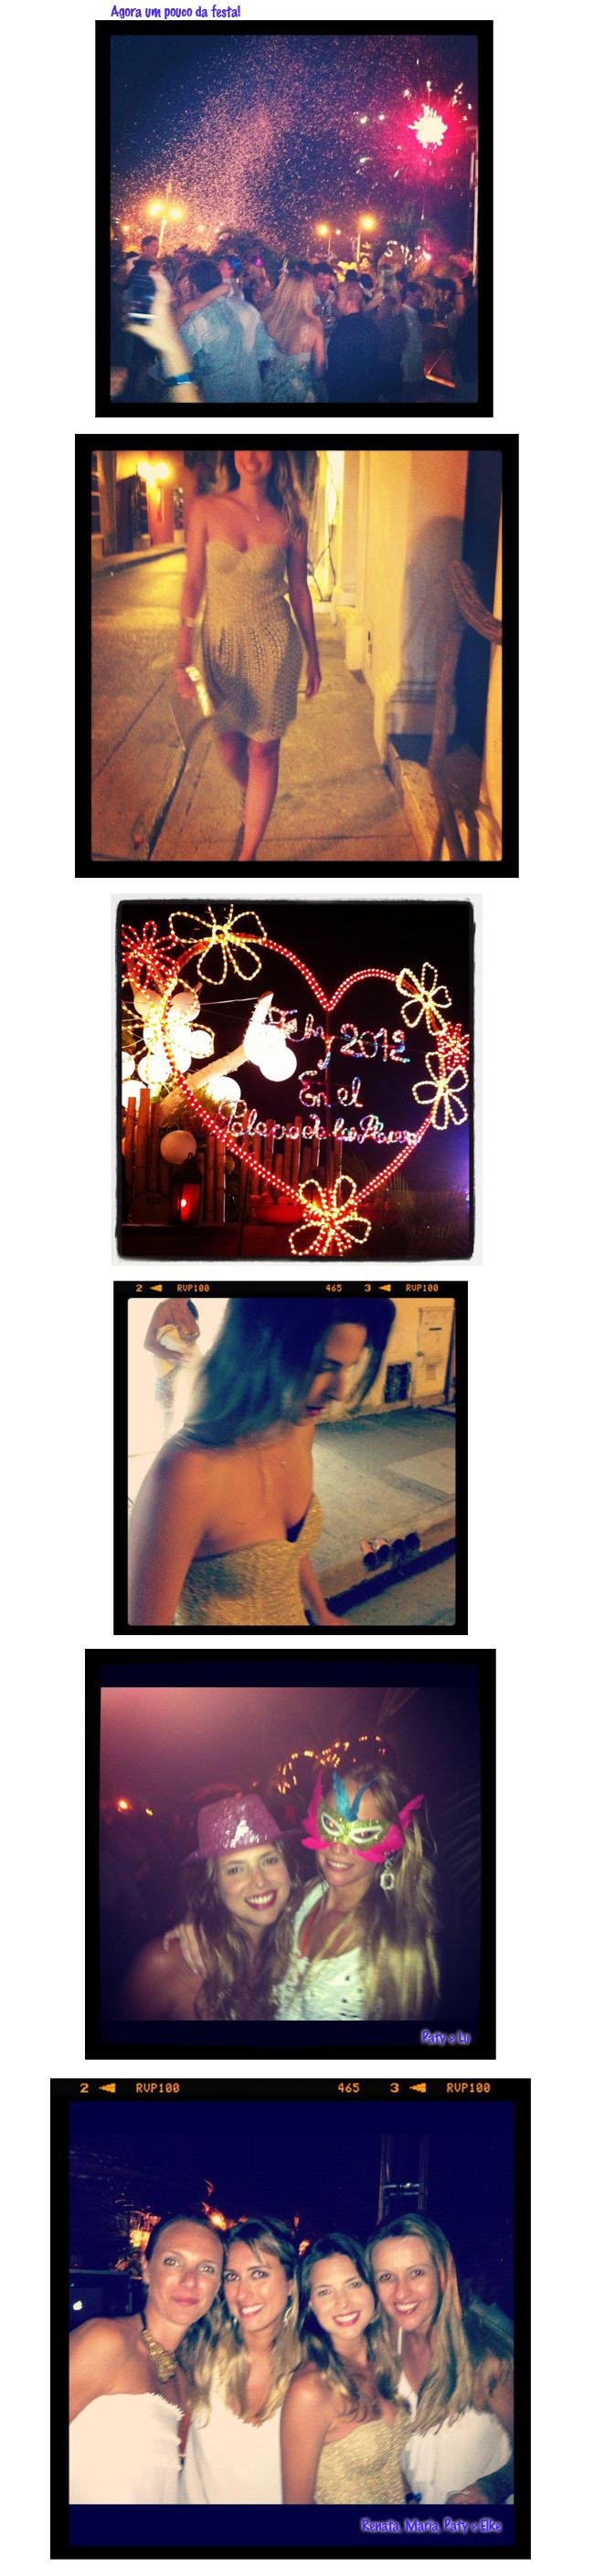 Cartagena, Cartagena Colombia, Cartagena de Indias, Festa de reveillon Cartagena, Palacio de los Placeres, dicas de Cartagena look Reveillon, vestido croche, Giovanna Crochet